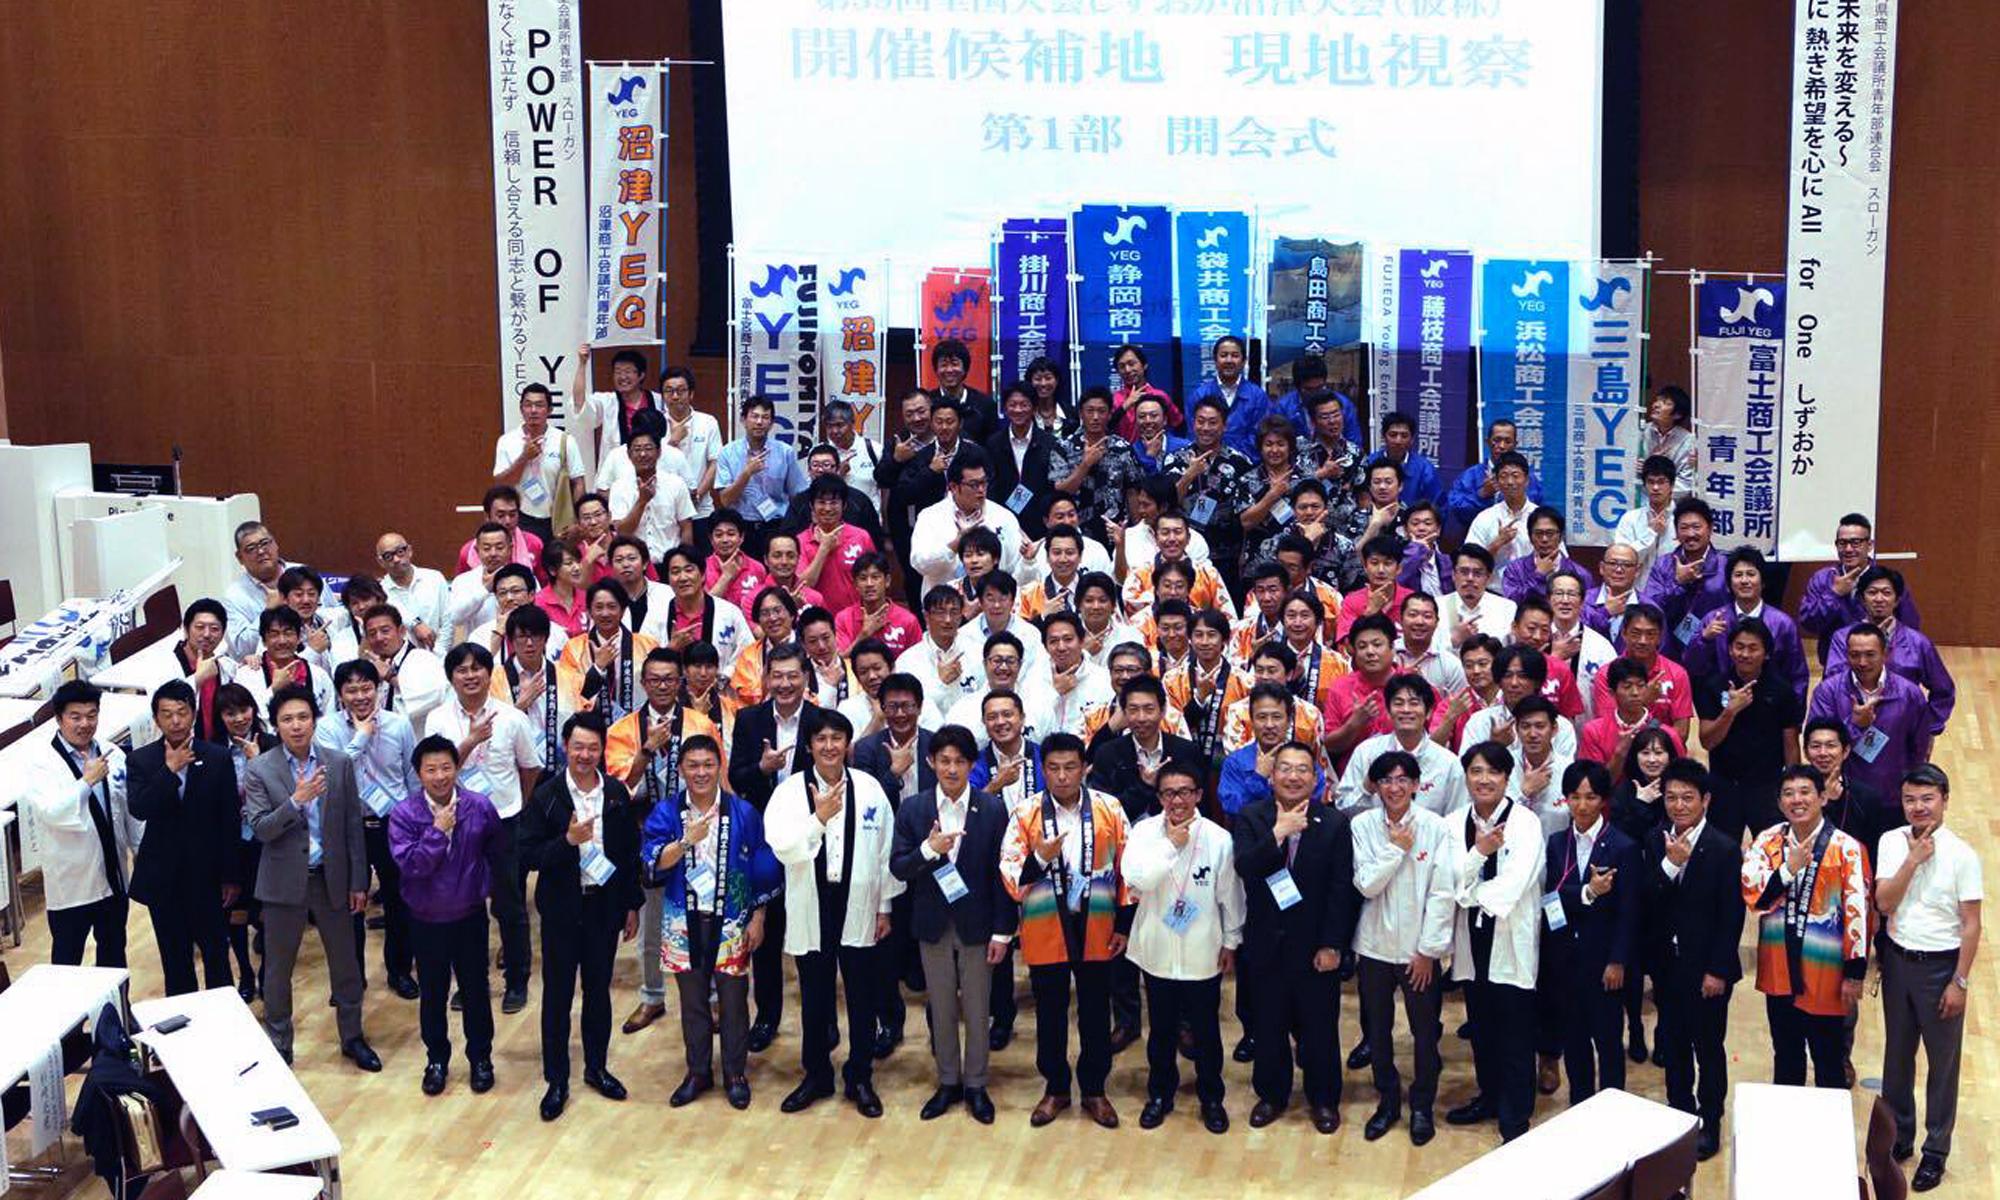 静岡県商工会議所青年部連合会